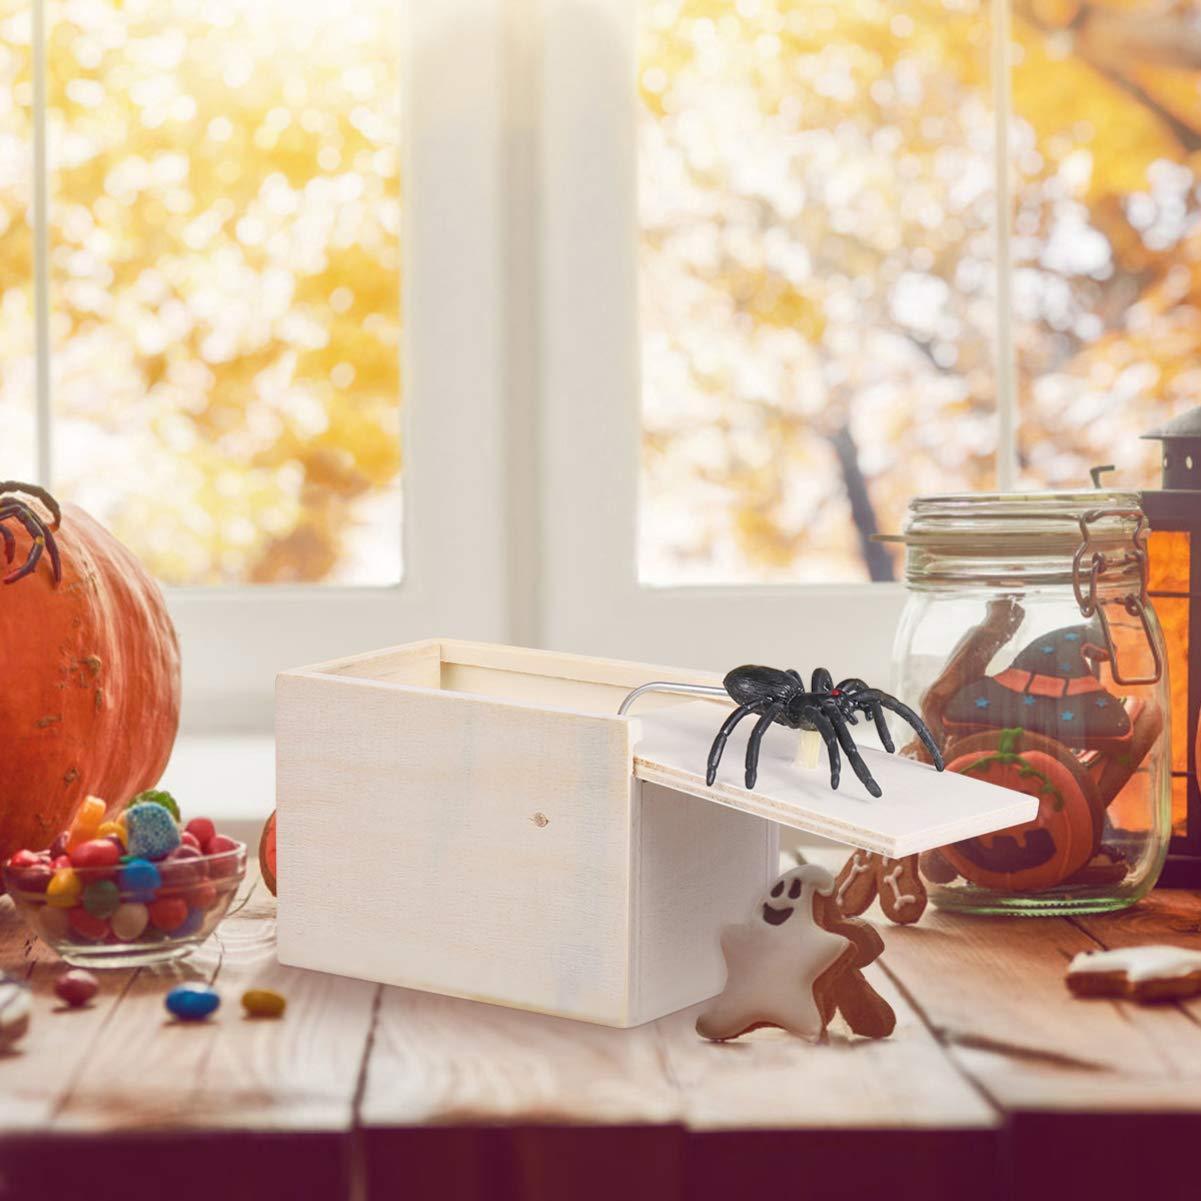 Toyvian Spinne Holzkiste Streich erschrecken Box Spinne /Überraschung lustige Festival Geschenke Party Supplies f/ür Erwachsene Kinder Kinder